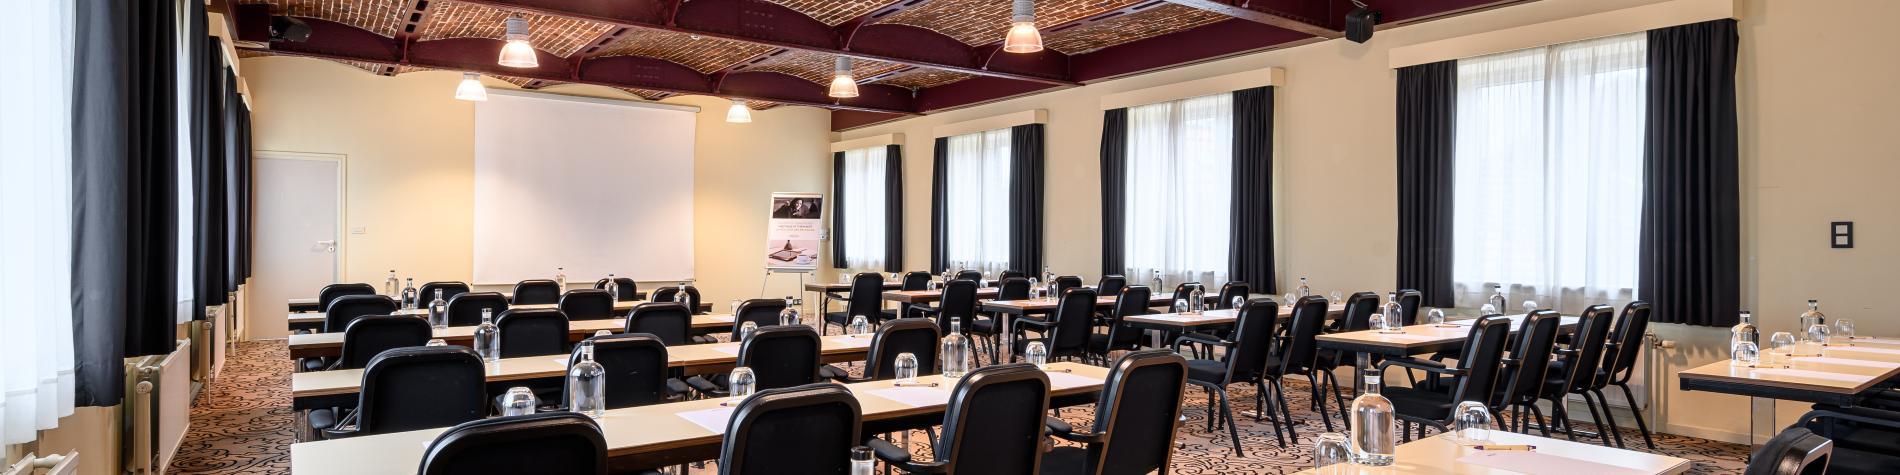 Mercure Liège City Center - Salle de réunion La Linière